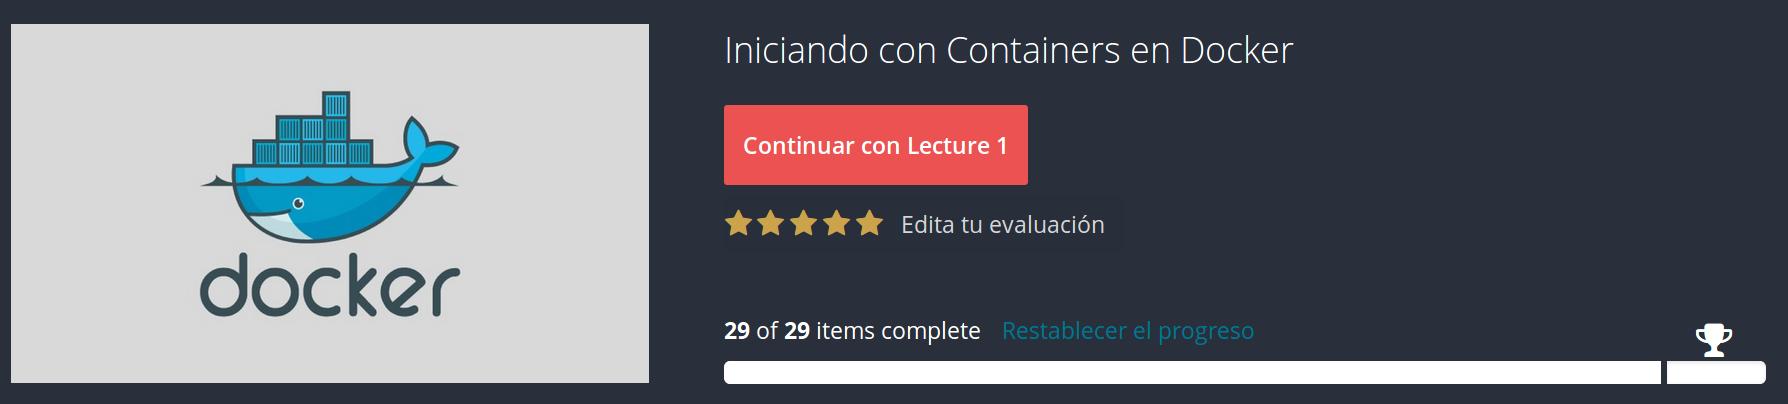 Curso Iniciando con Containers en Docker